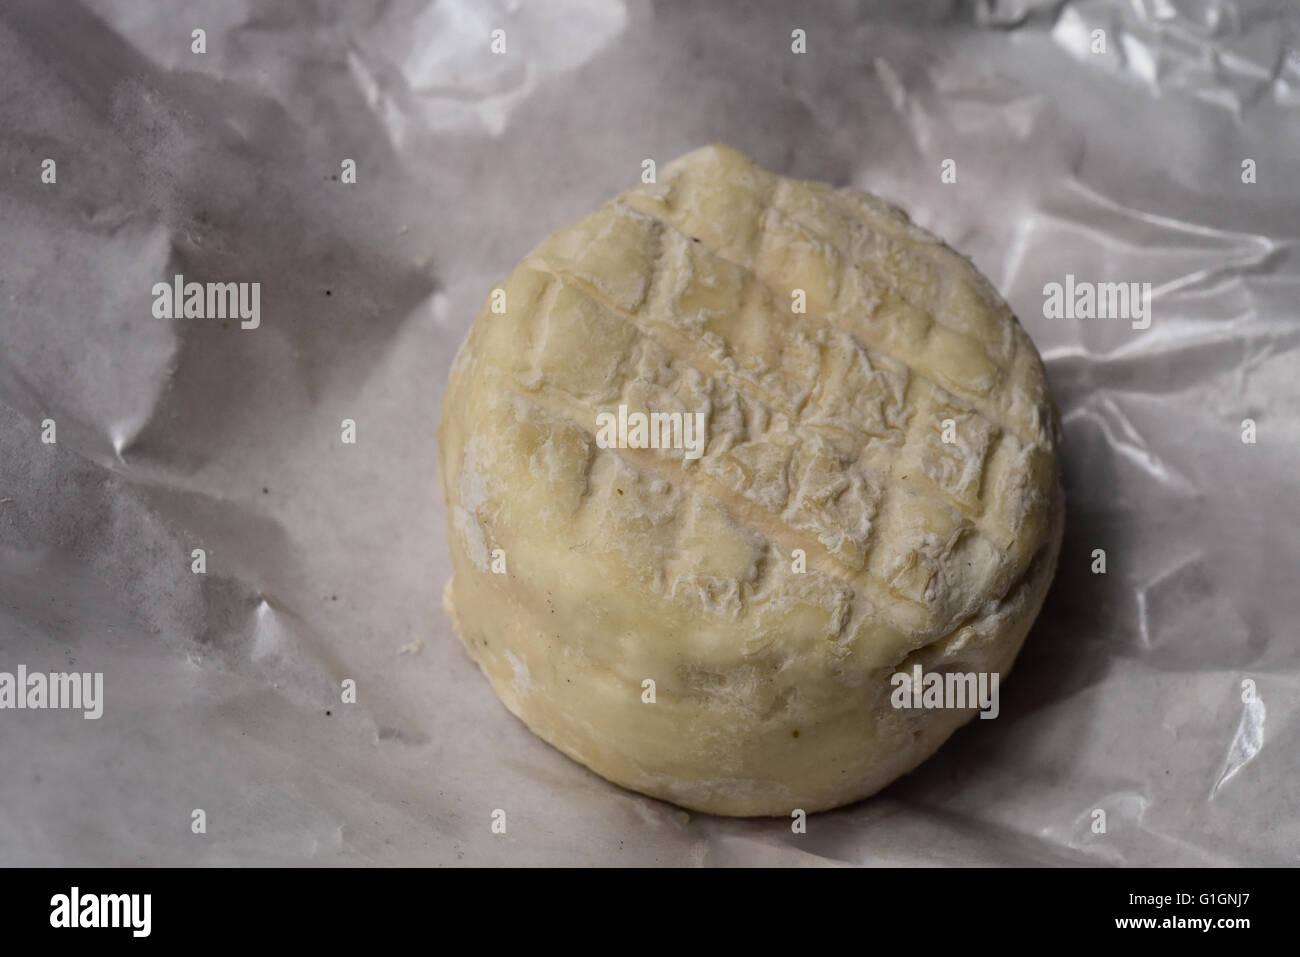 Queso de cabra redondo amarillo en un papel de embalaje Imagen De Stock